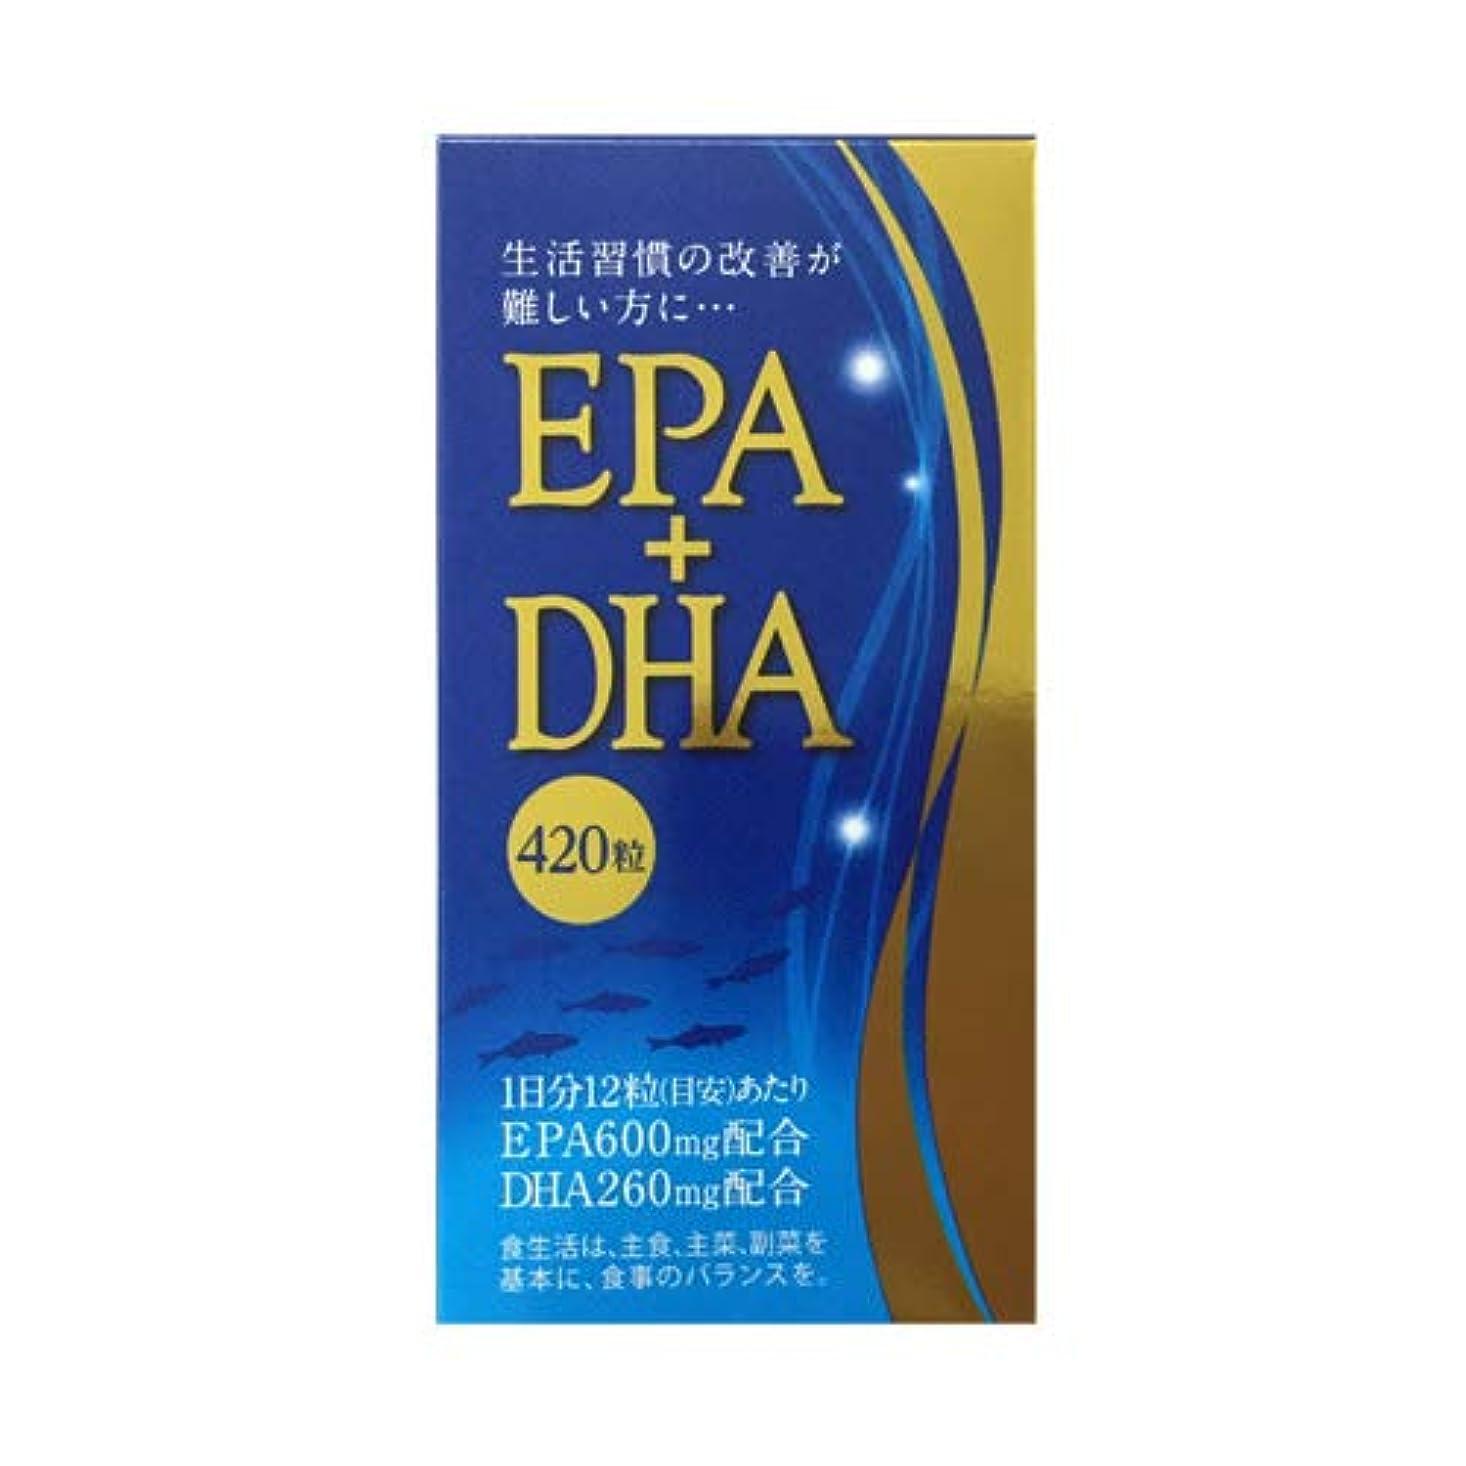 目指す後少ないEPA+DHA 420粒